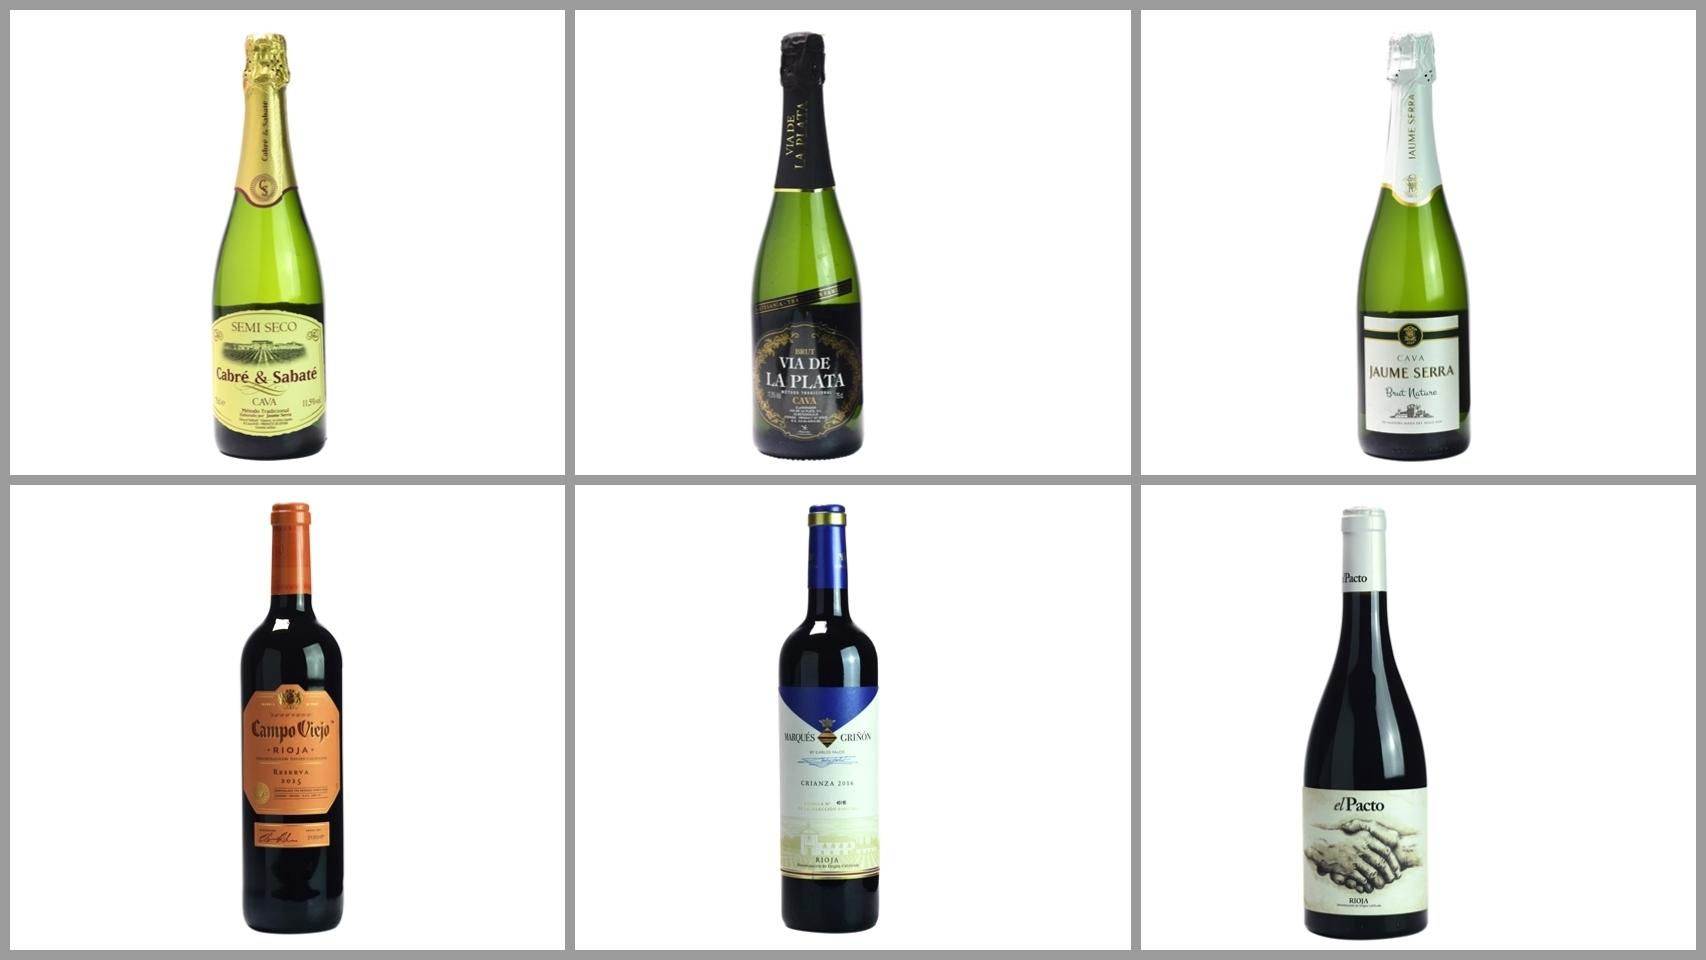 Los 12 mejores vinos según la OCU